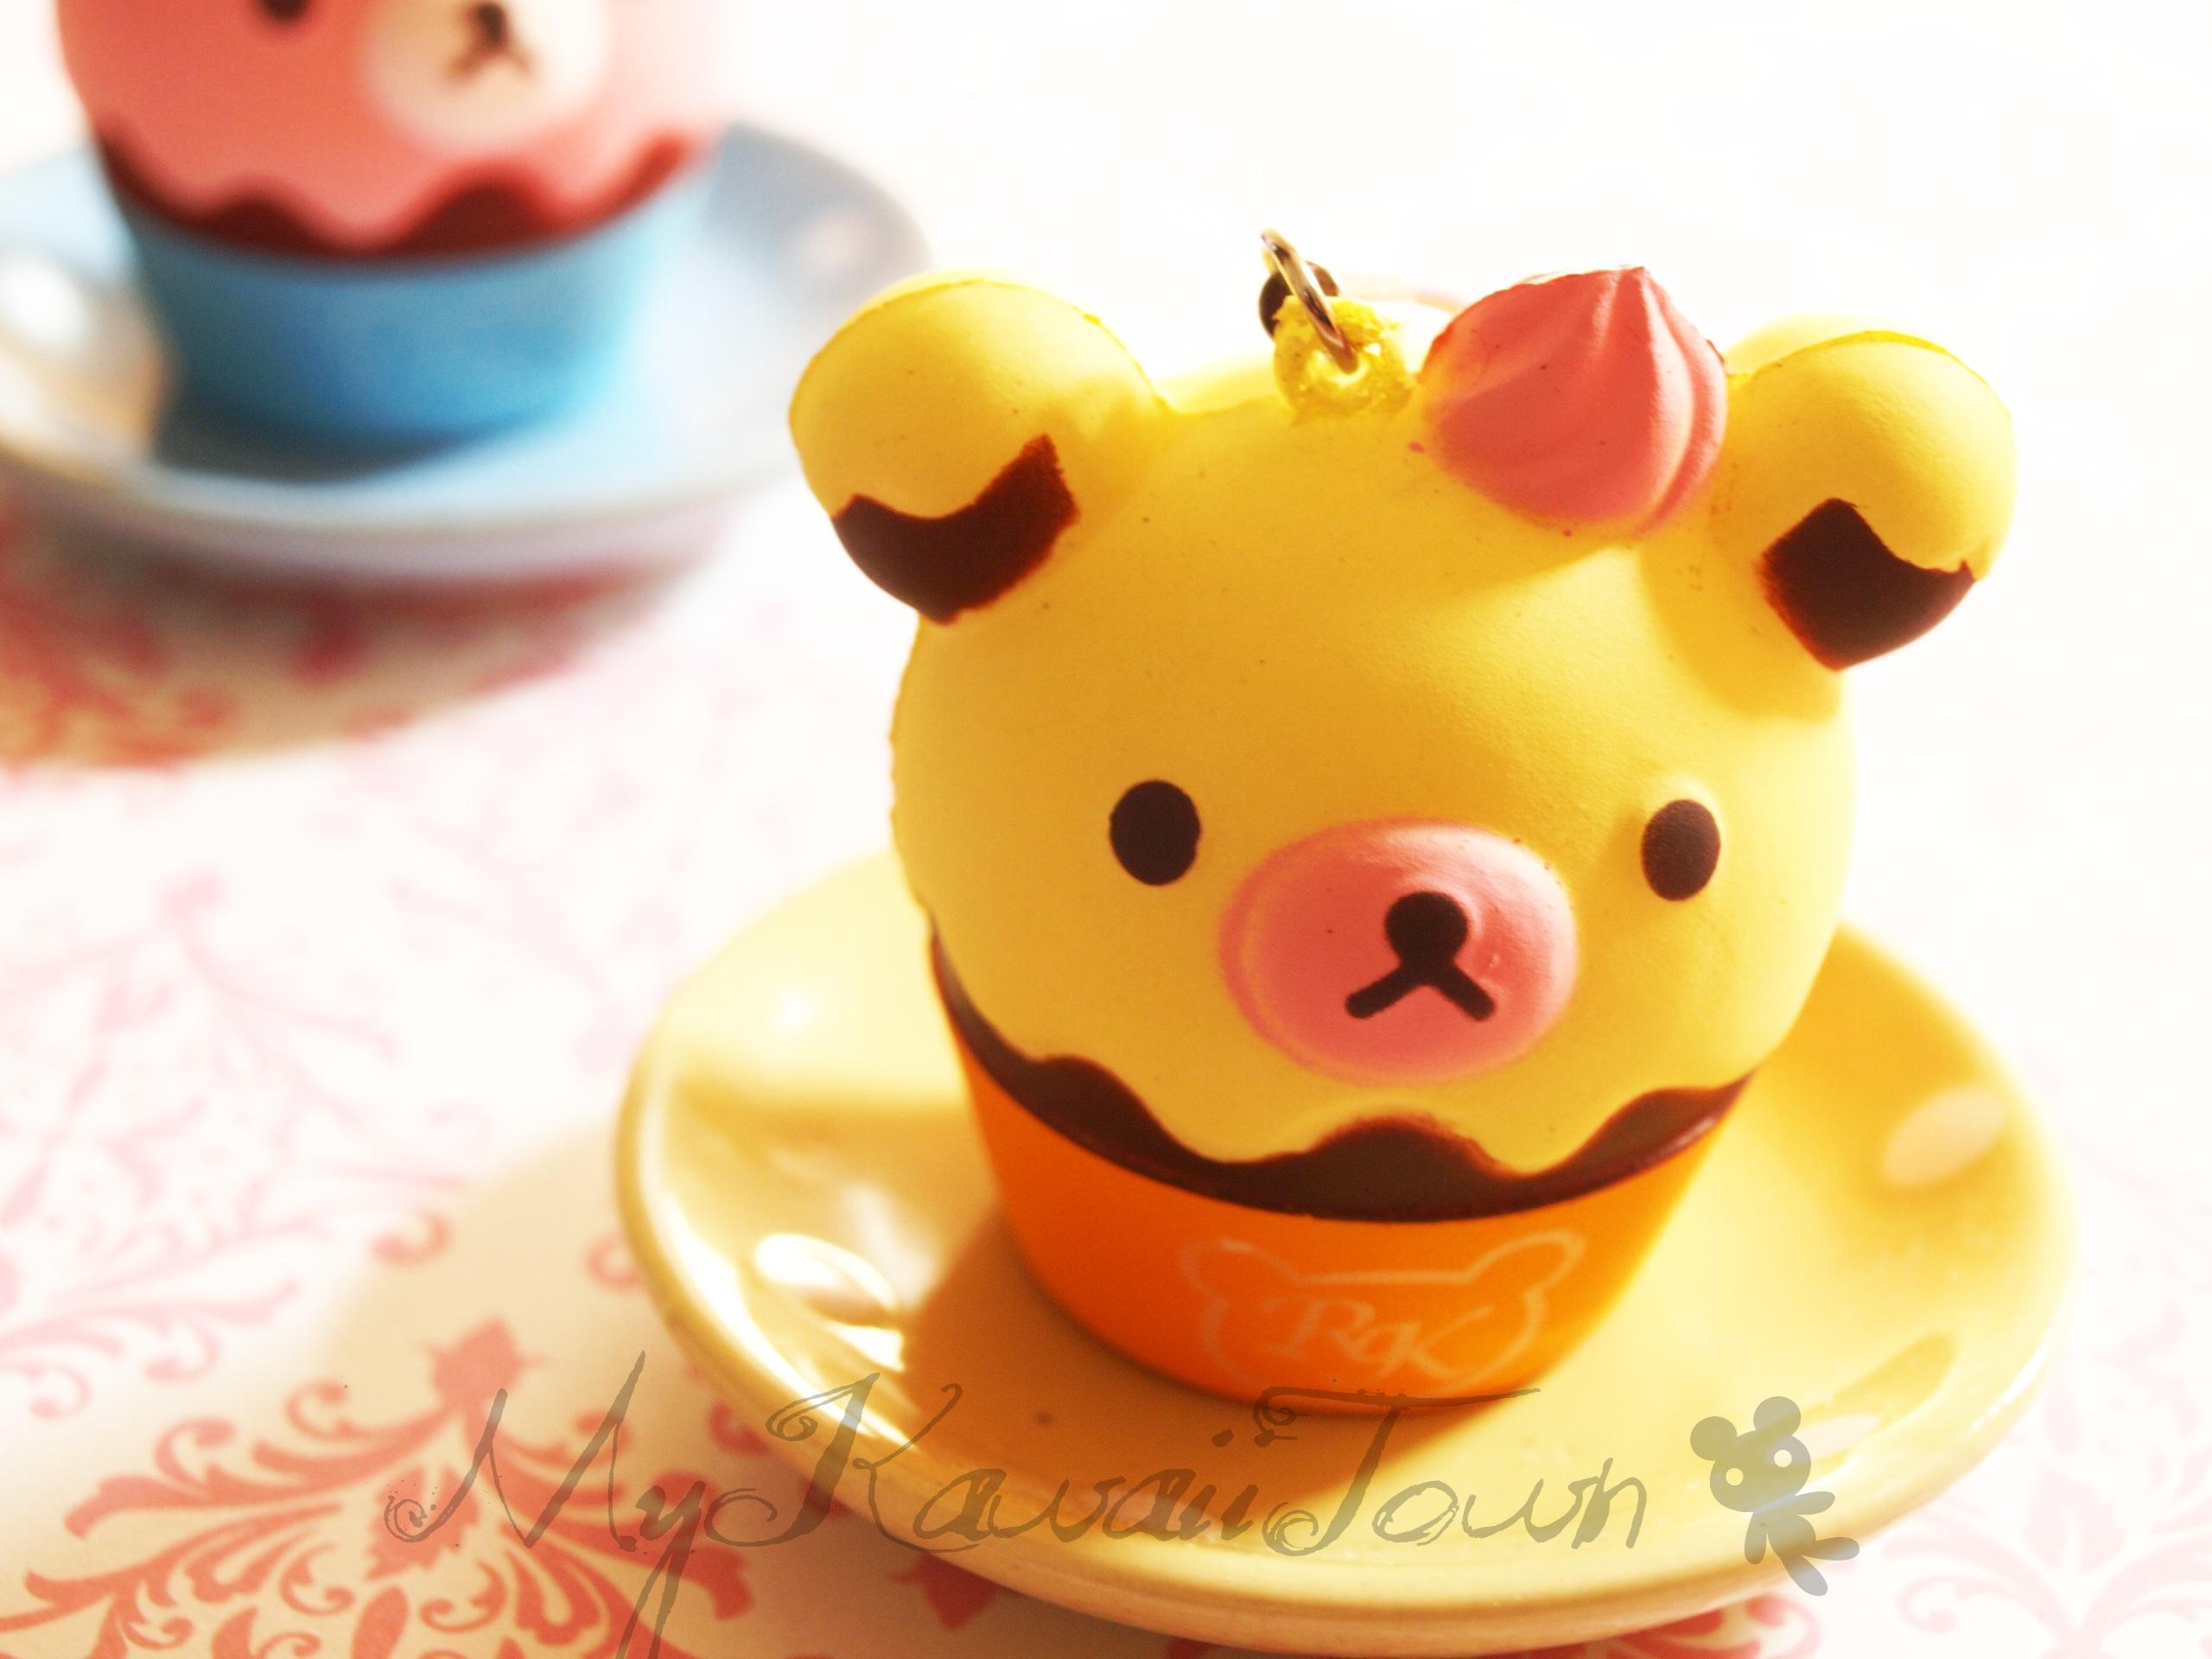 Squishy Cupcake : Pin Squishy Citrus Chocolate Rilakkuma Cupcake From Mykawaiitown On Cake on Pinterest